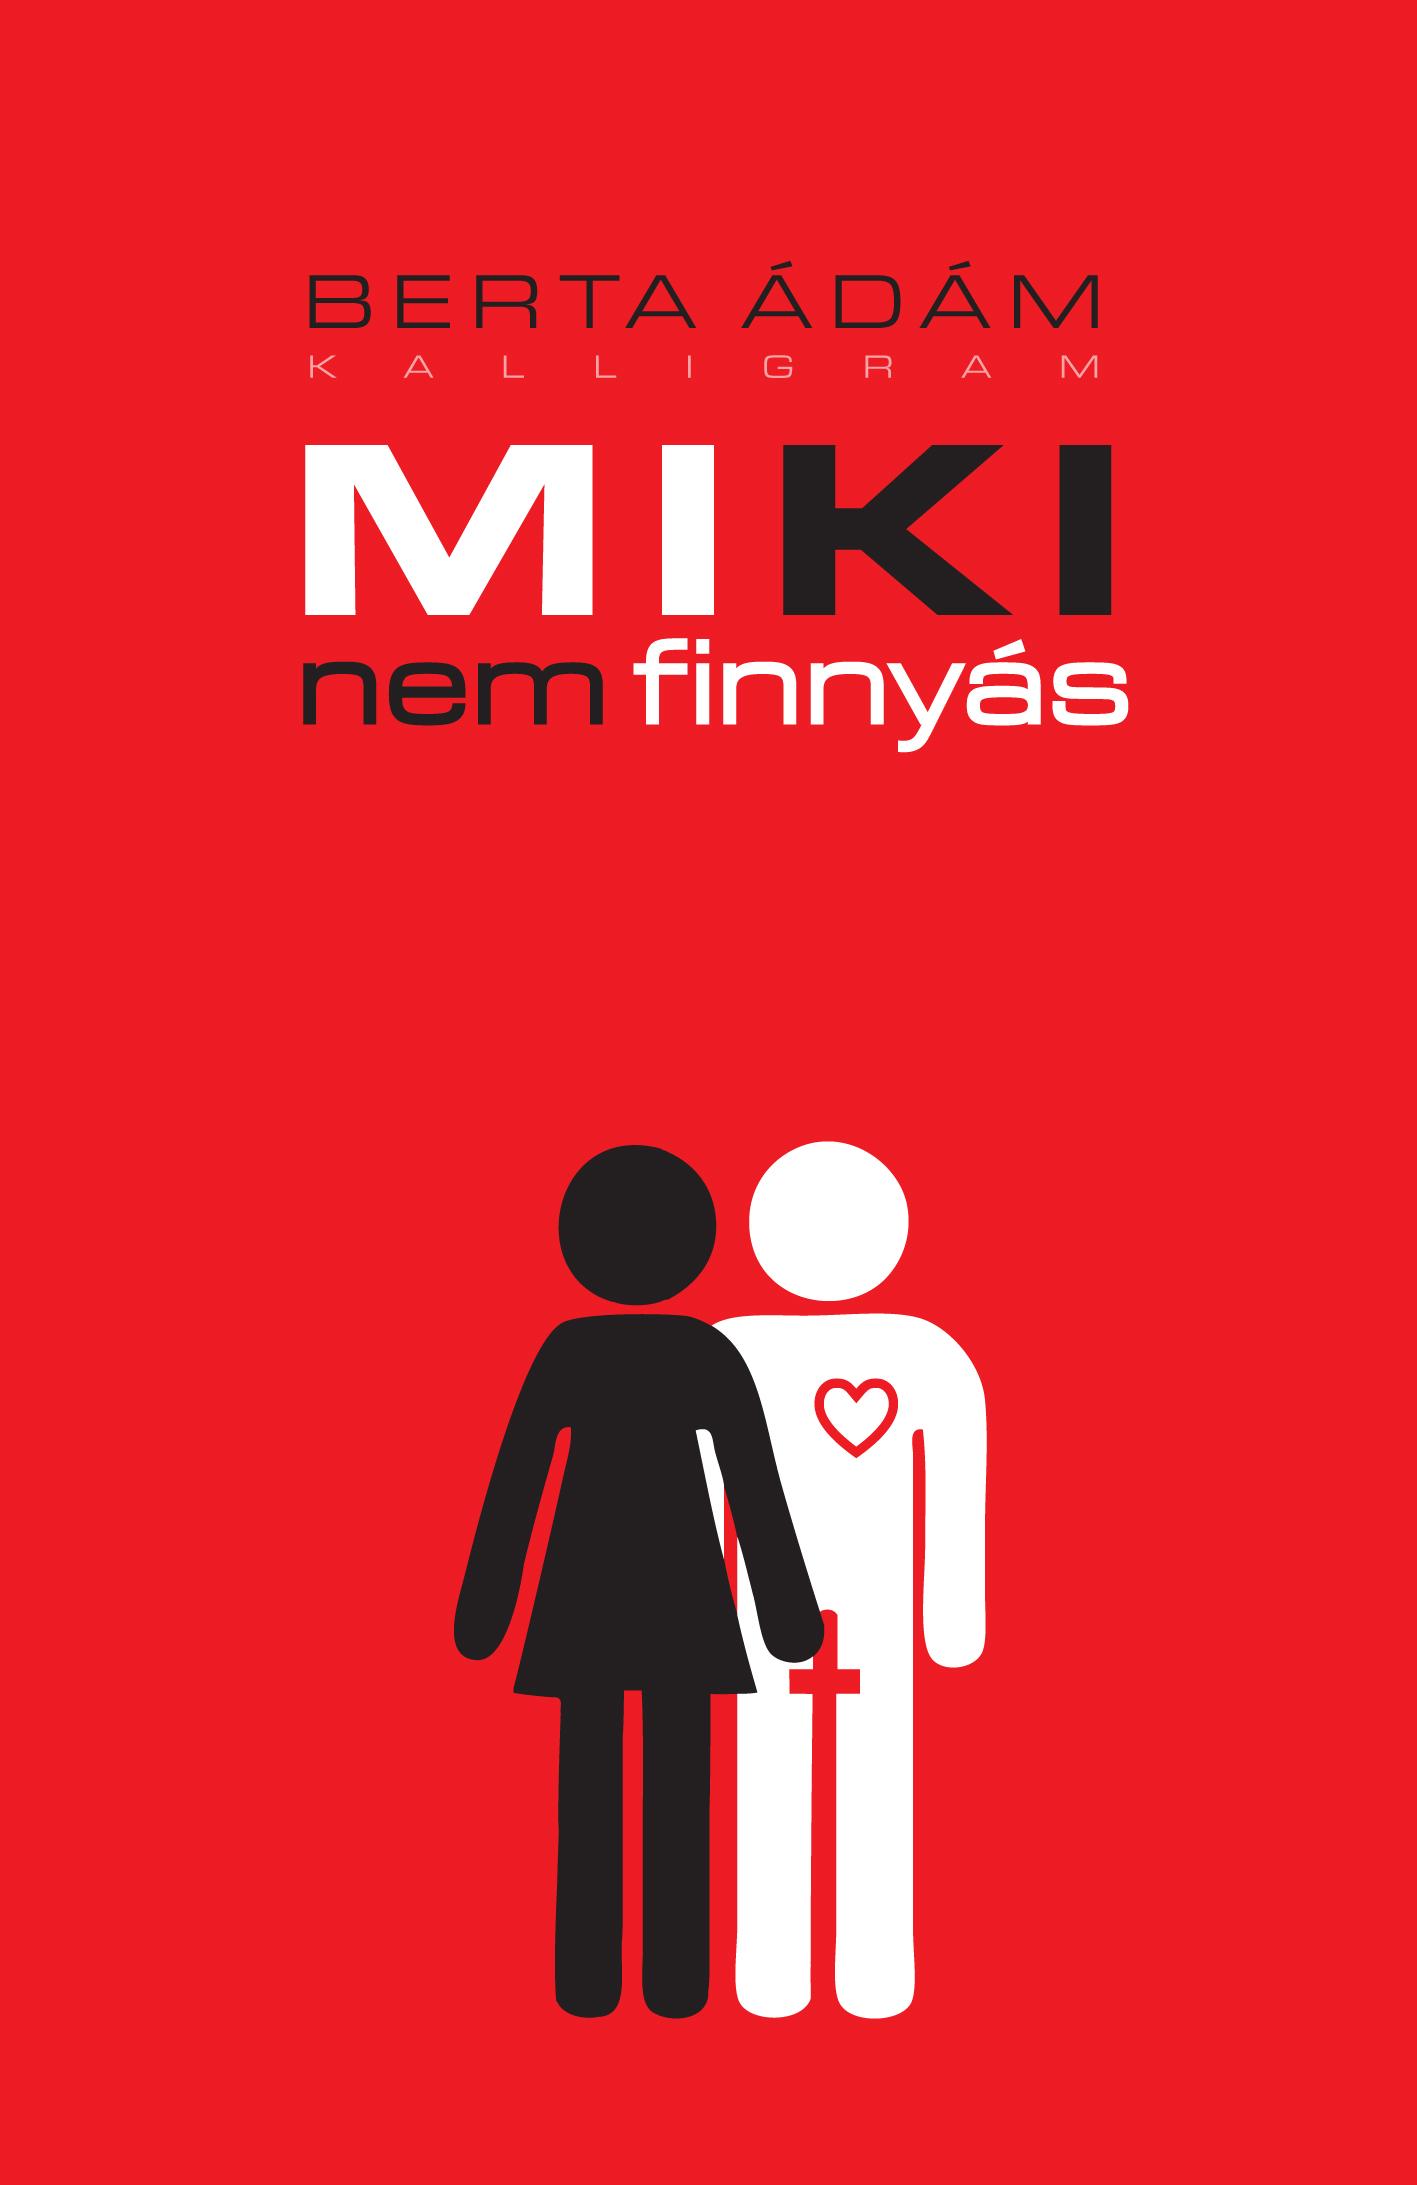 $-BERTA-A_Miki nem finnyas_COVER.indd